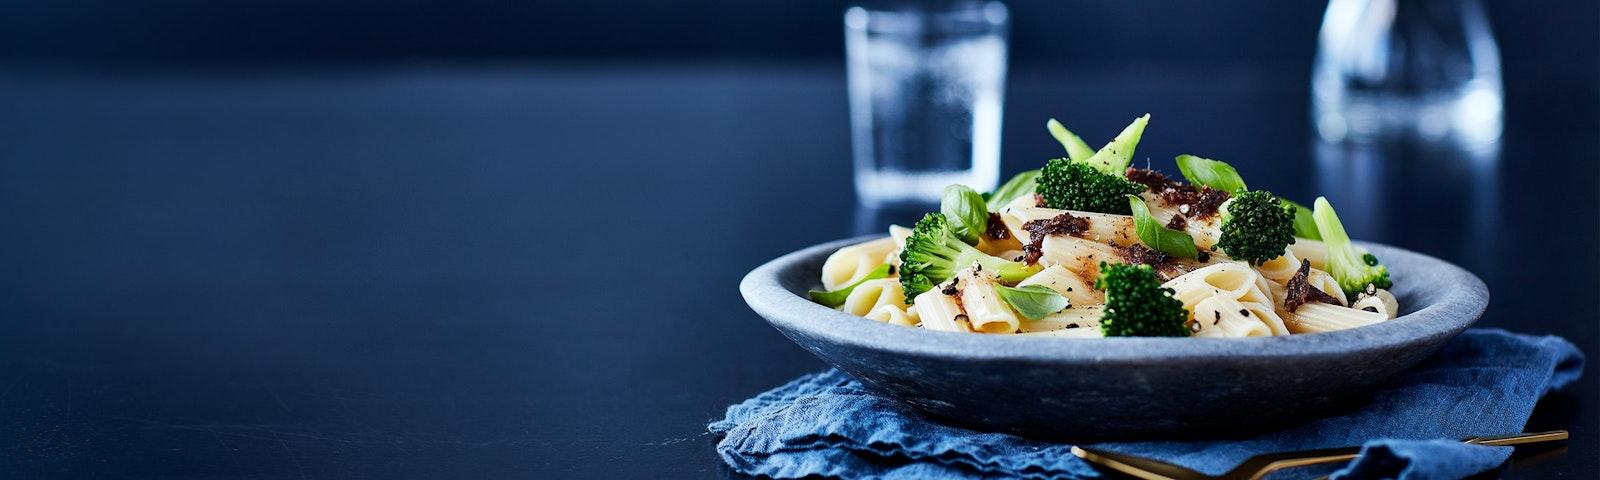 Pasta mit Anchovis, Broccoli, Knoblauch und Chili